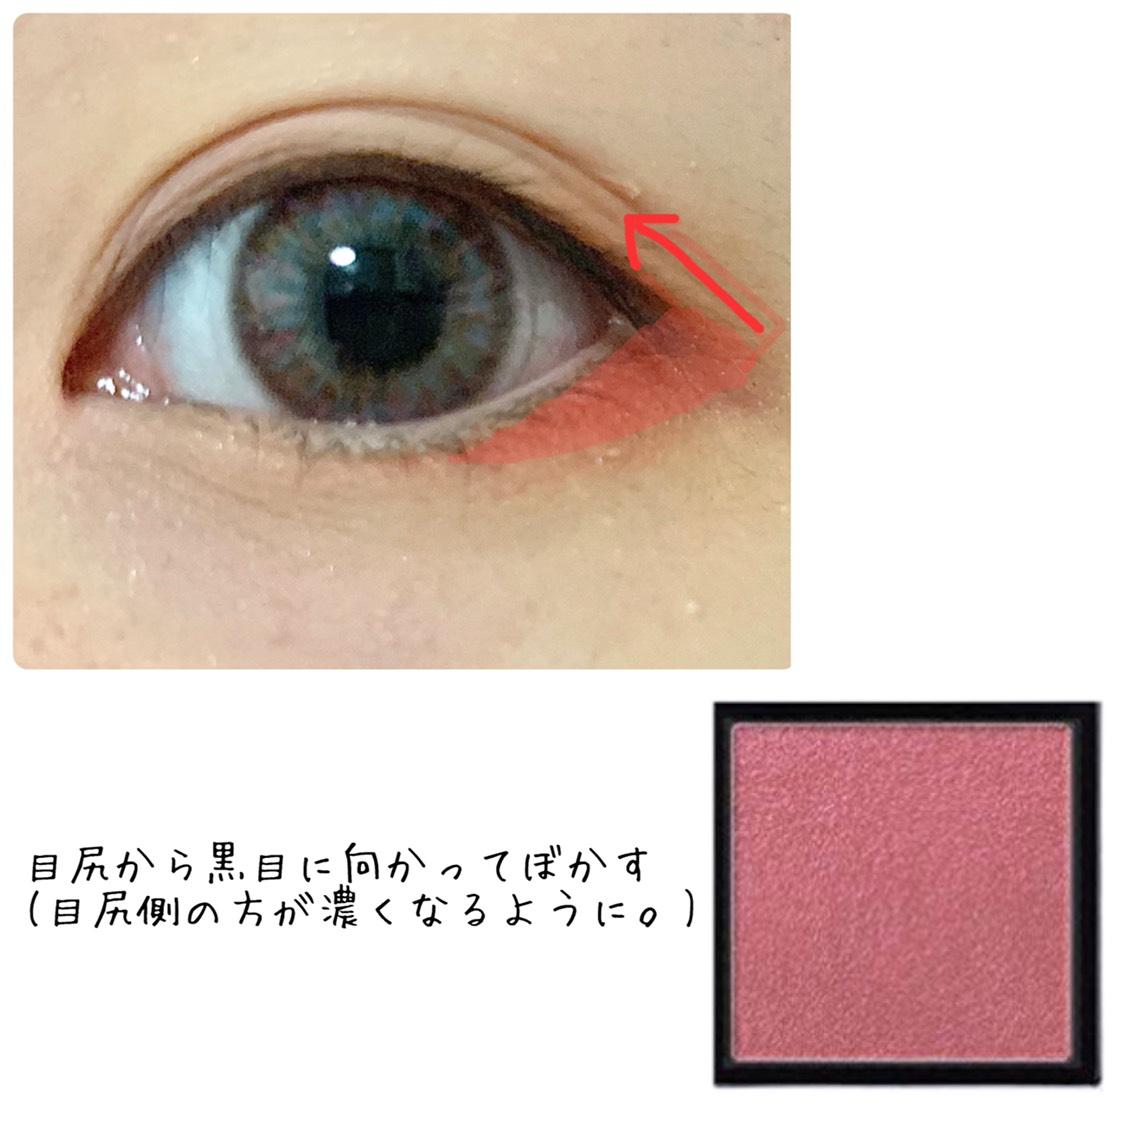 次に、ADDICTION 94番 (シャングリラ) を下瞼目尻と、二重幅の目尻から黒目に向かってぼかすように入れます。 (下瞼は濃いめに入れ、二重幅は目尻が濃くなるように薄く広げます。)